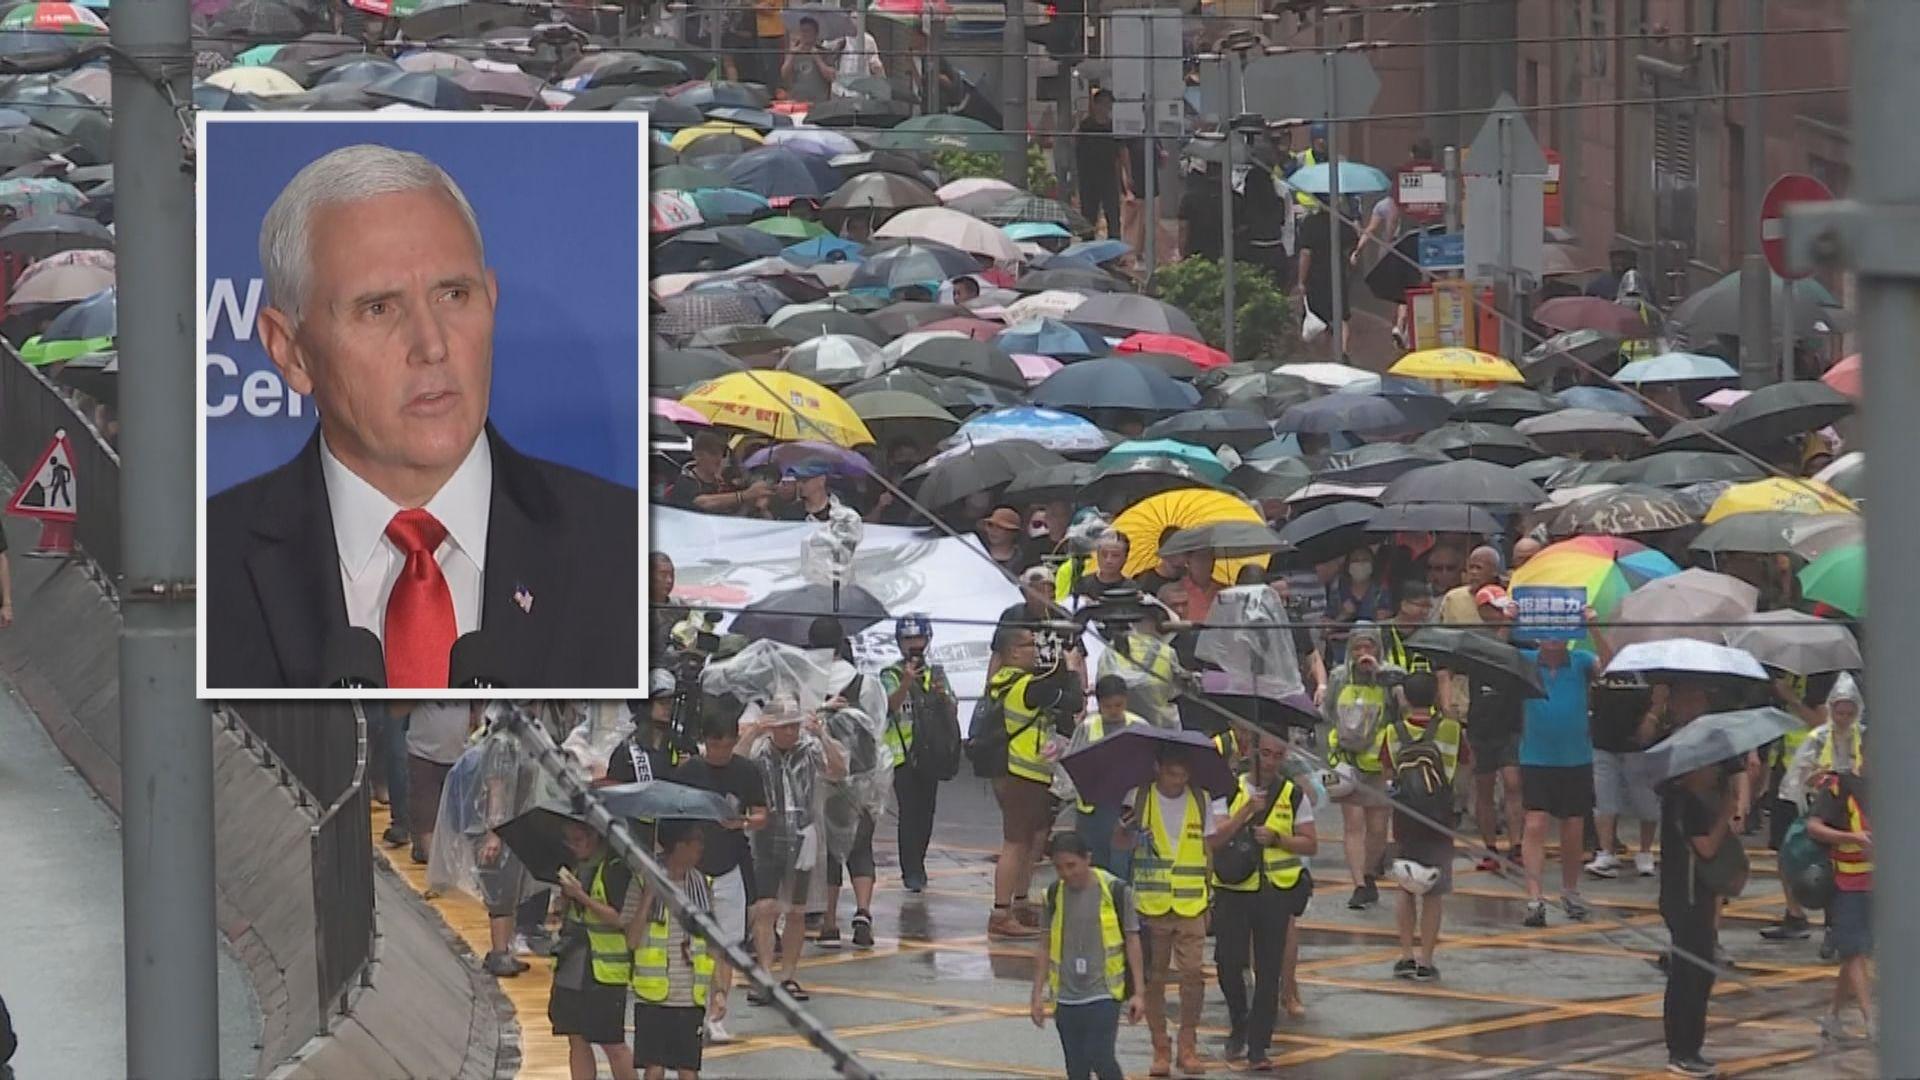 彭斯籲香港示威應以非暴力方式進行